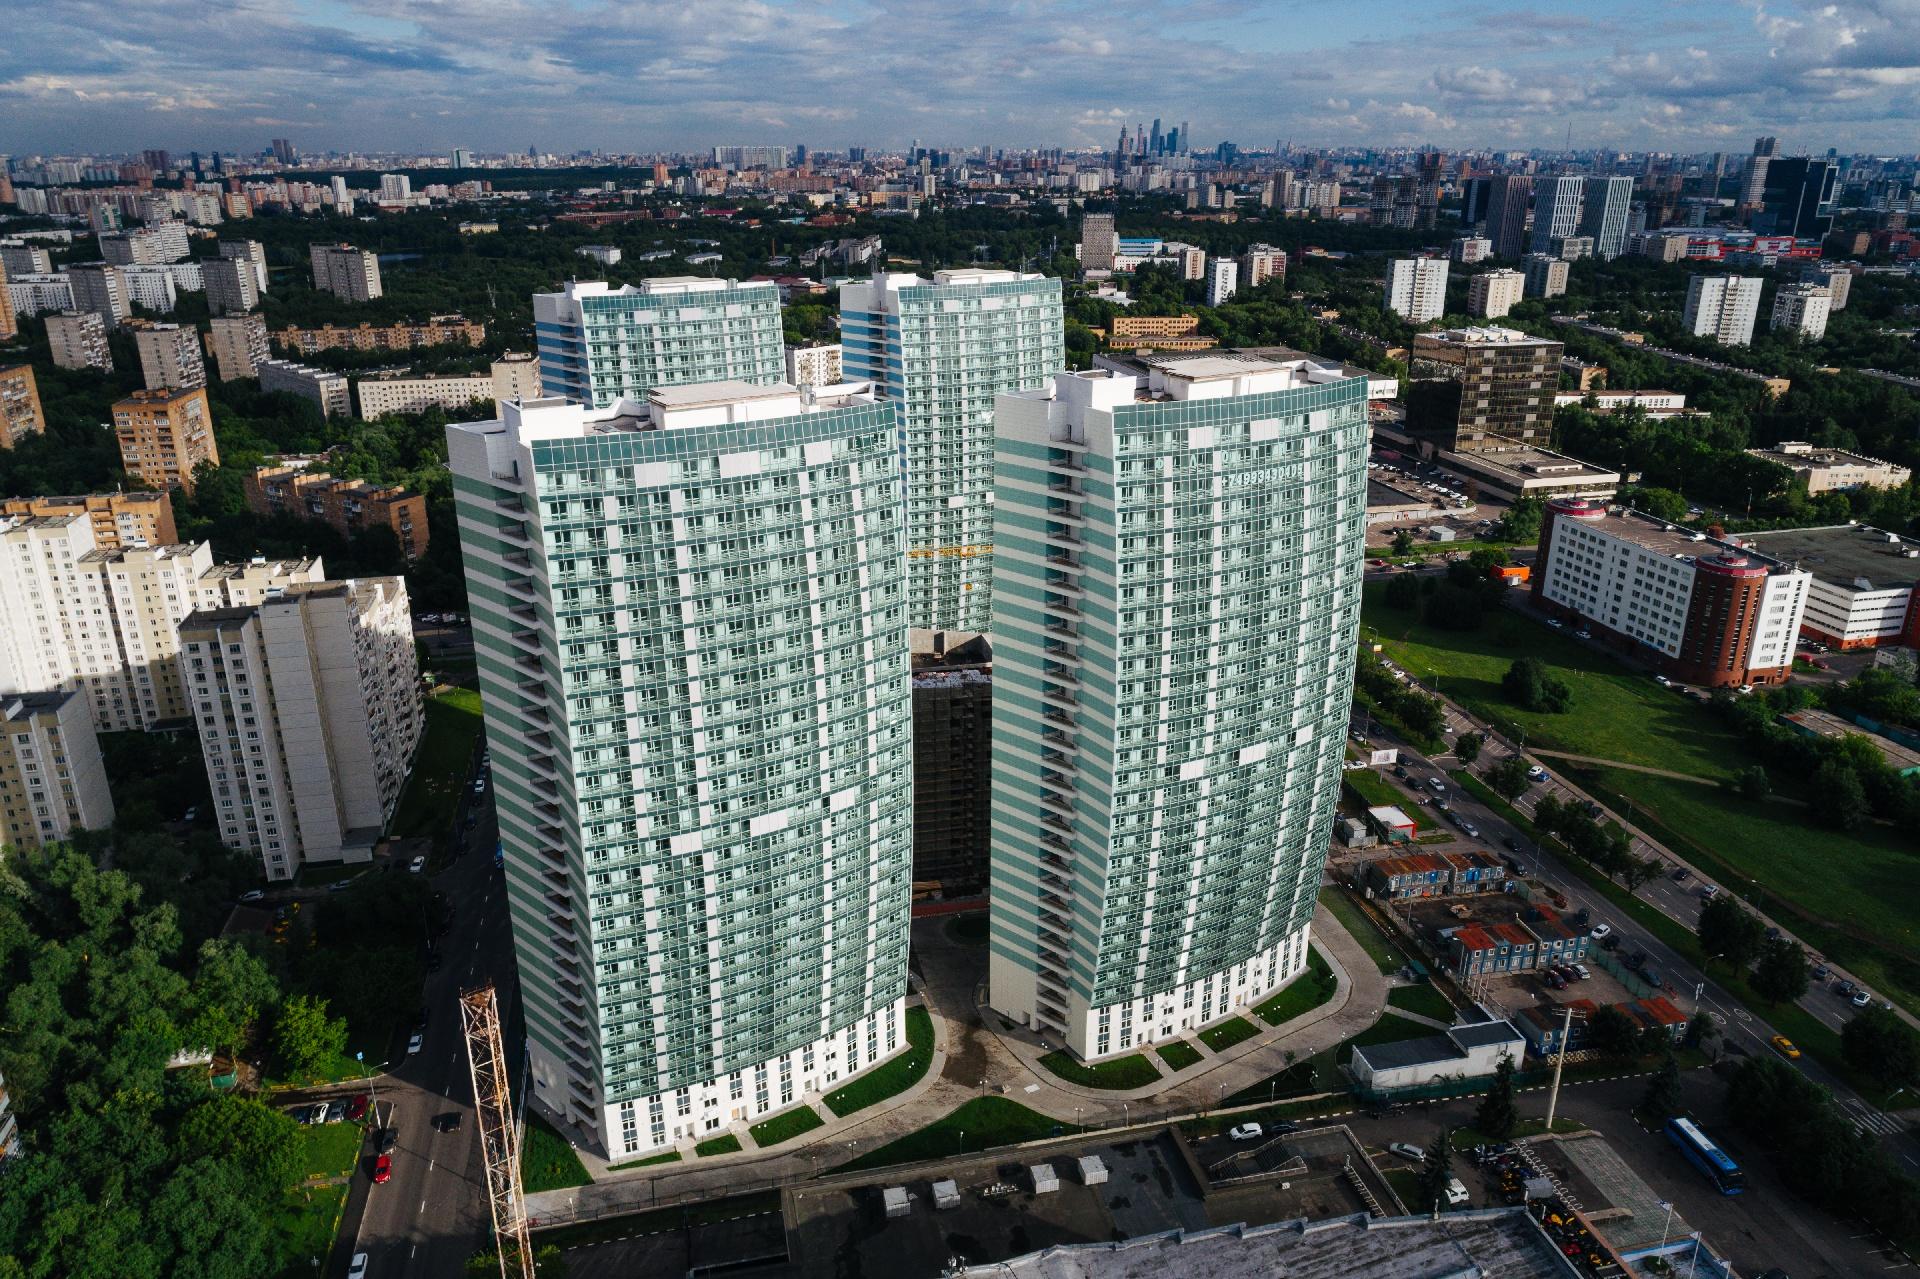 Коммерческая недвижимость дороже жилой комплекс коммерческая недвижимость в г воронеже